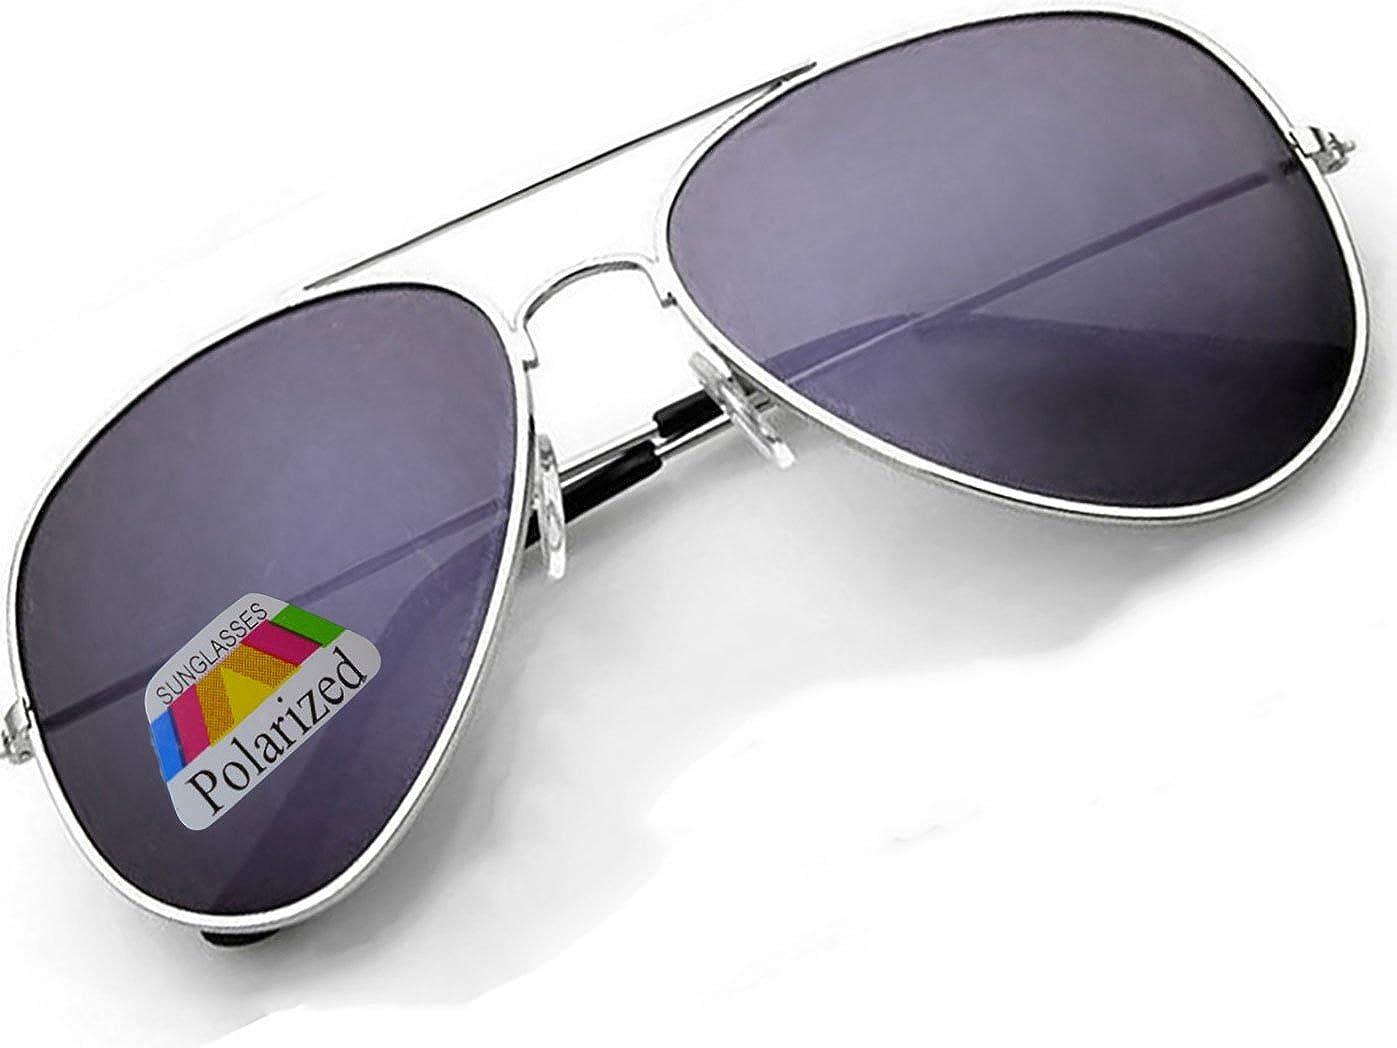 4sold Klassische Pilotenbrille Unisex Polarisierte Sonnenbrille Fliegerbrille Pornobrille in vielen Farbkombinationen 4sold Avi